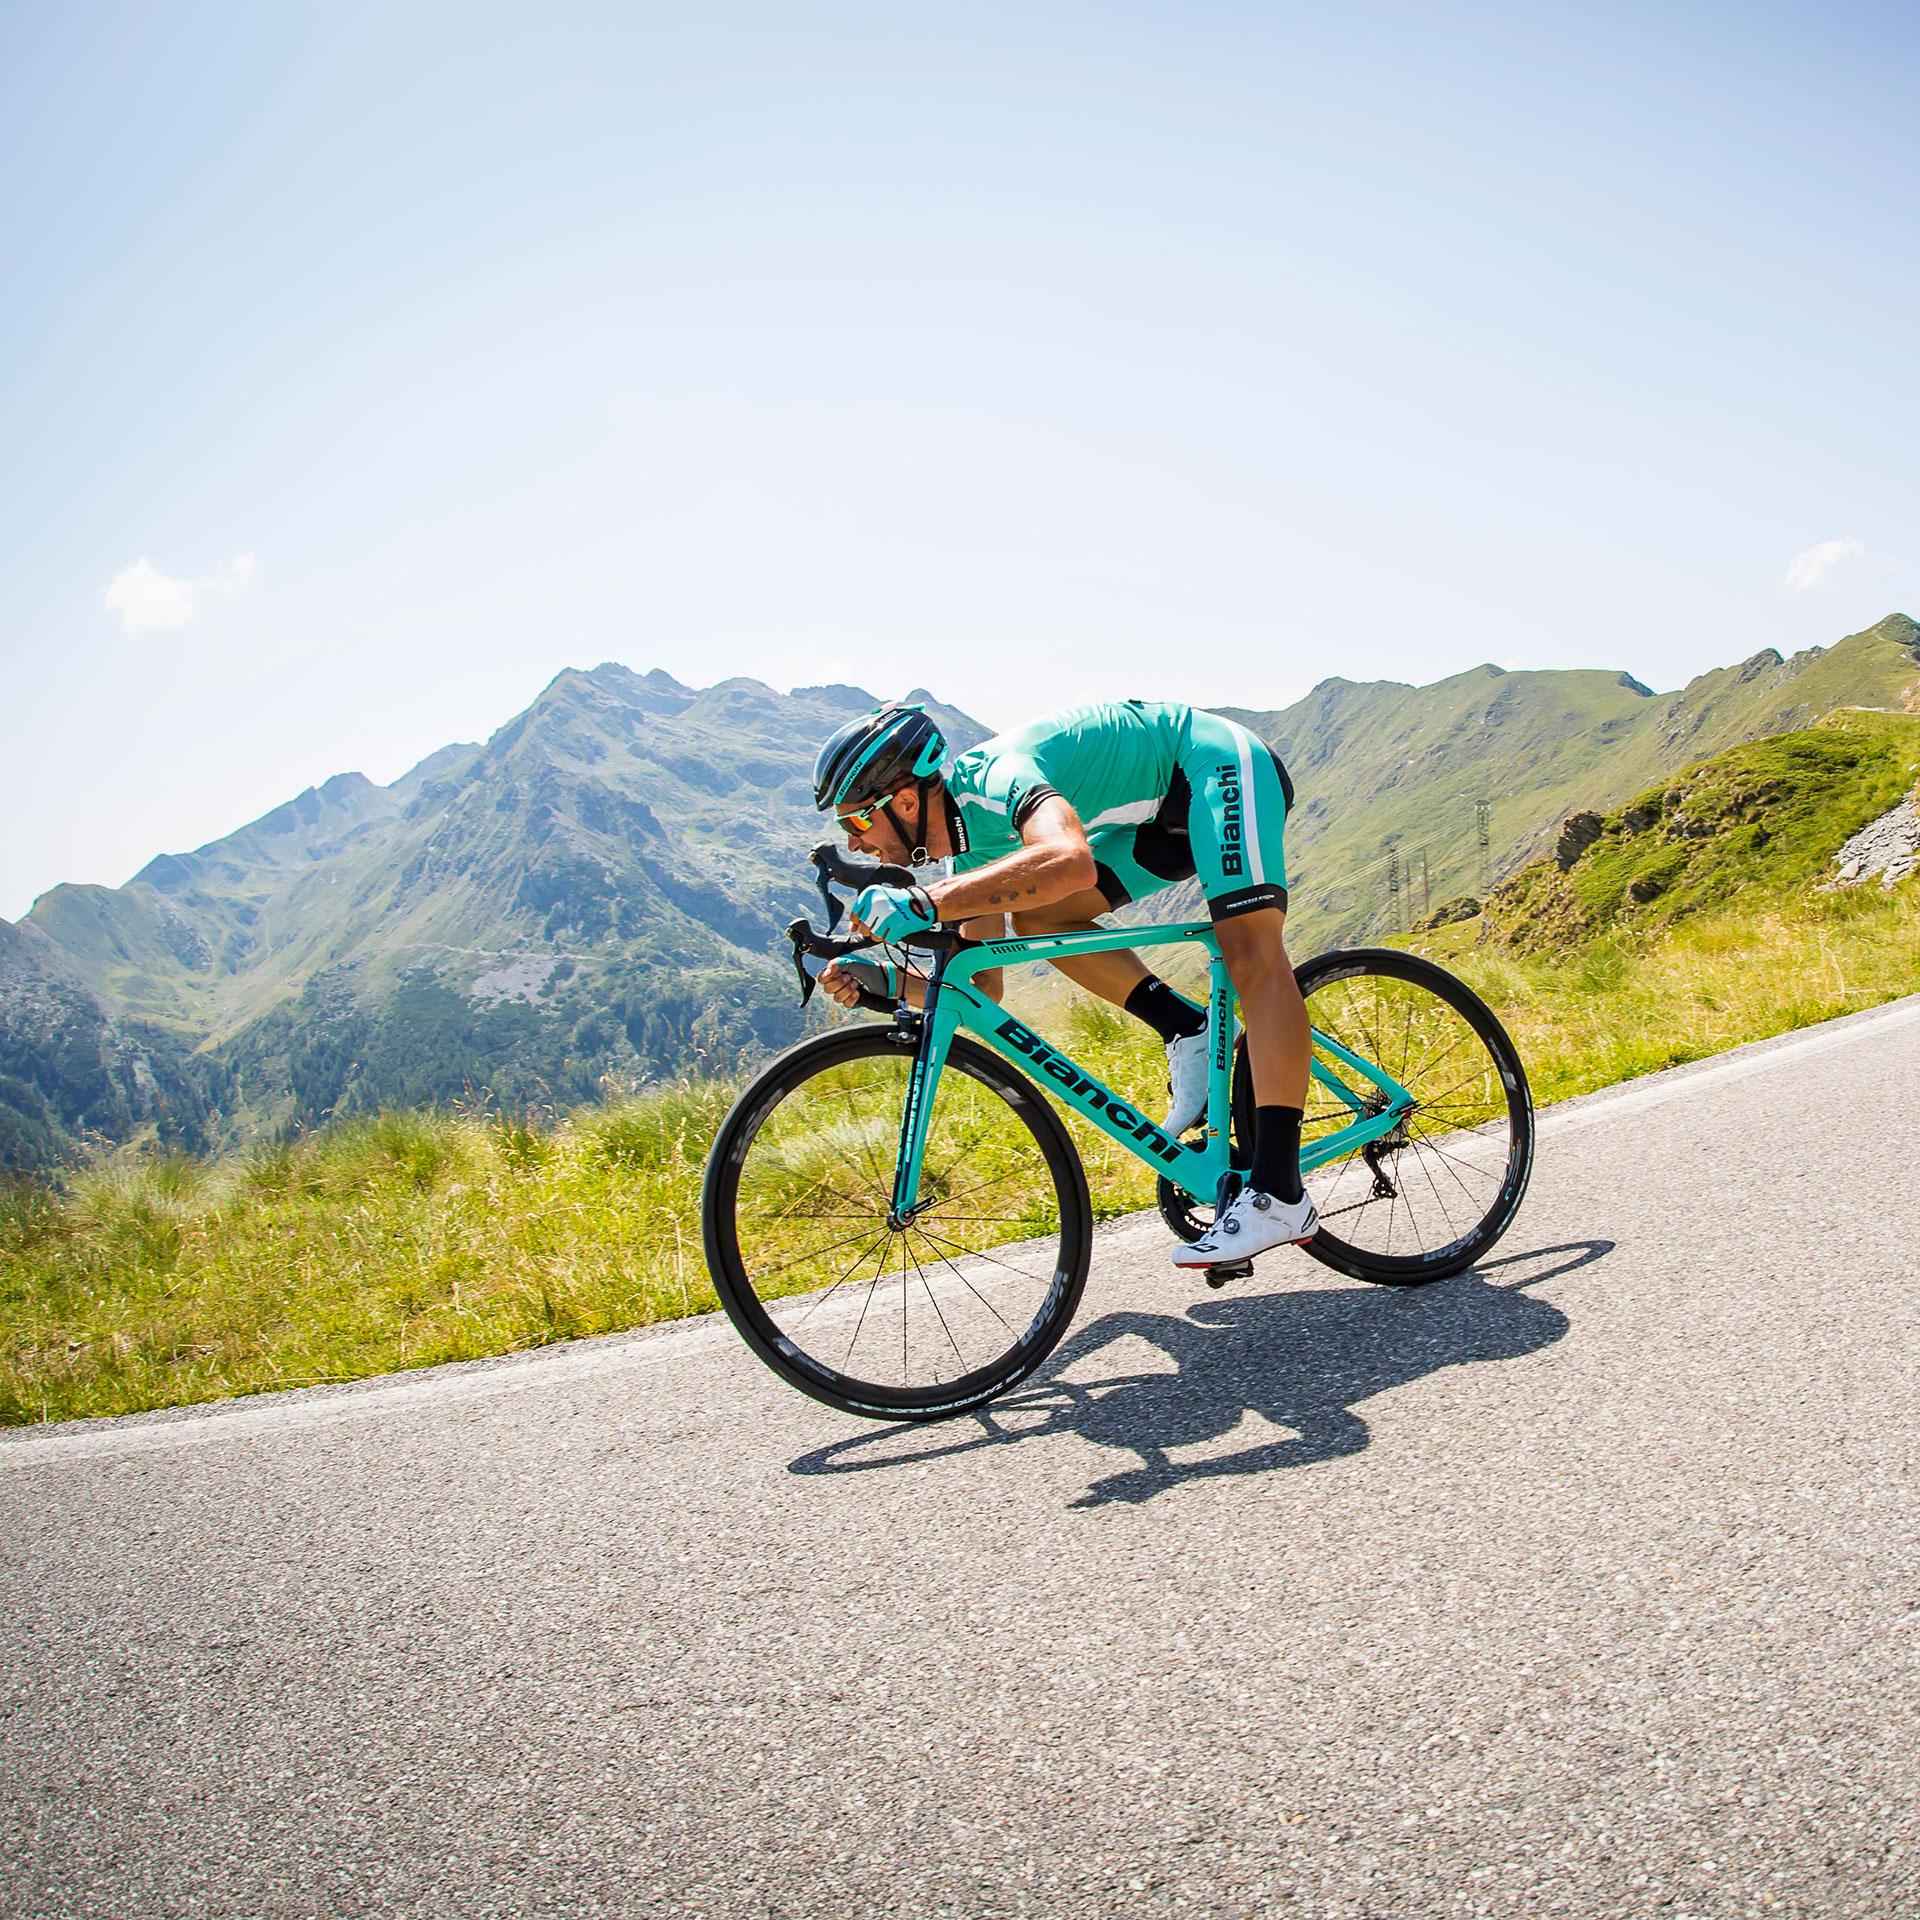 Bianchi Aria Road Bike